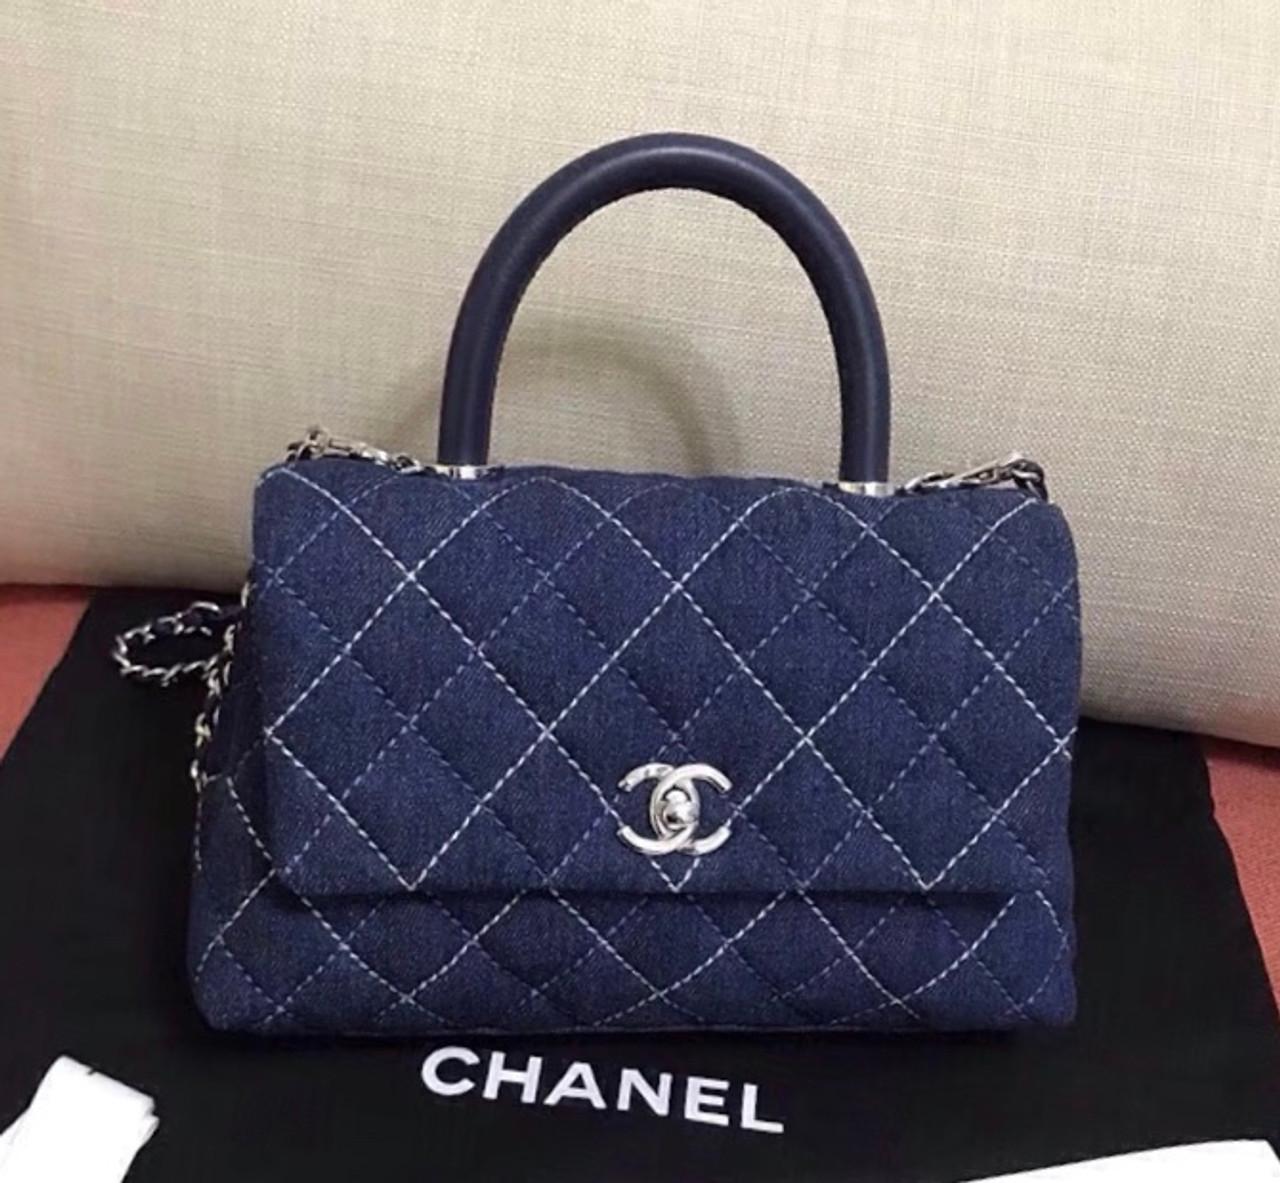 088ca1e69e24 Chanel Small Denim Flap Bag With Top Handle - Bella Vita Moda